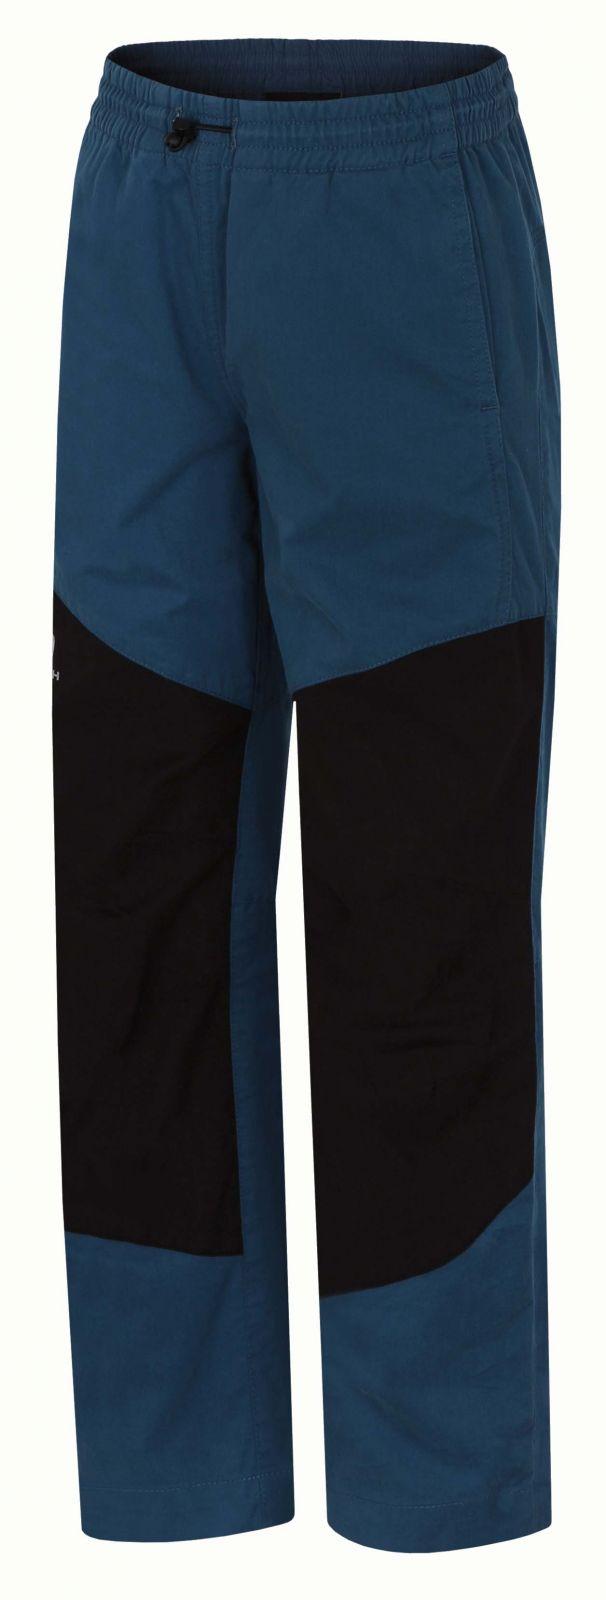 Hannah Twin JR Ensign blue / Anthracite dětské kalhoty